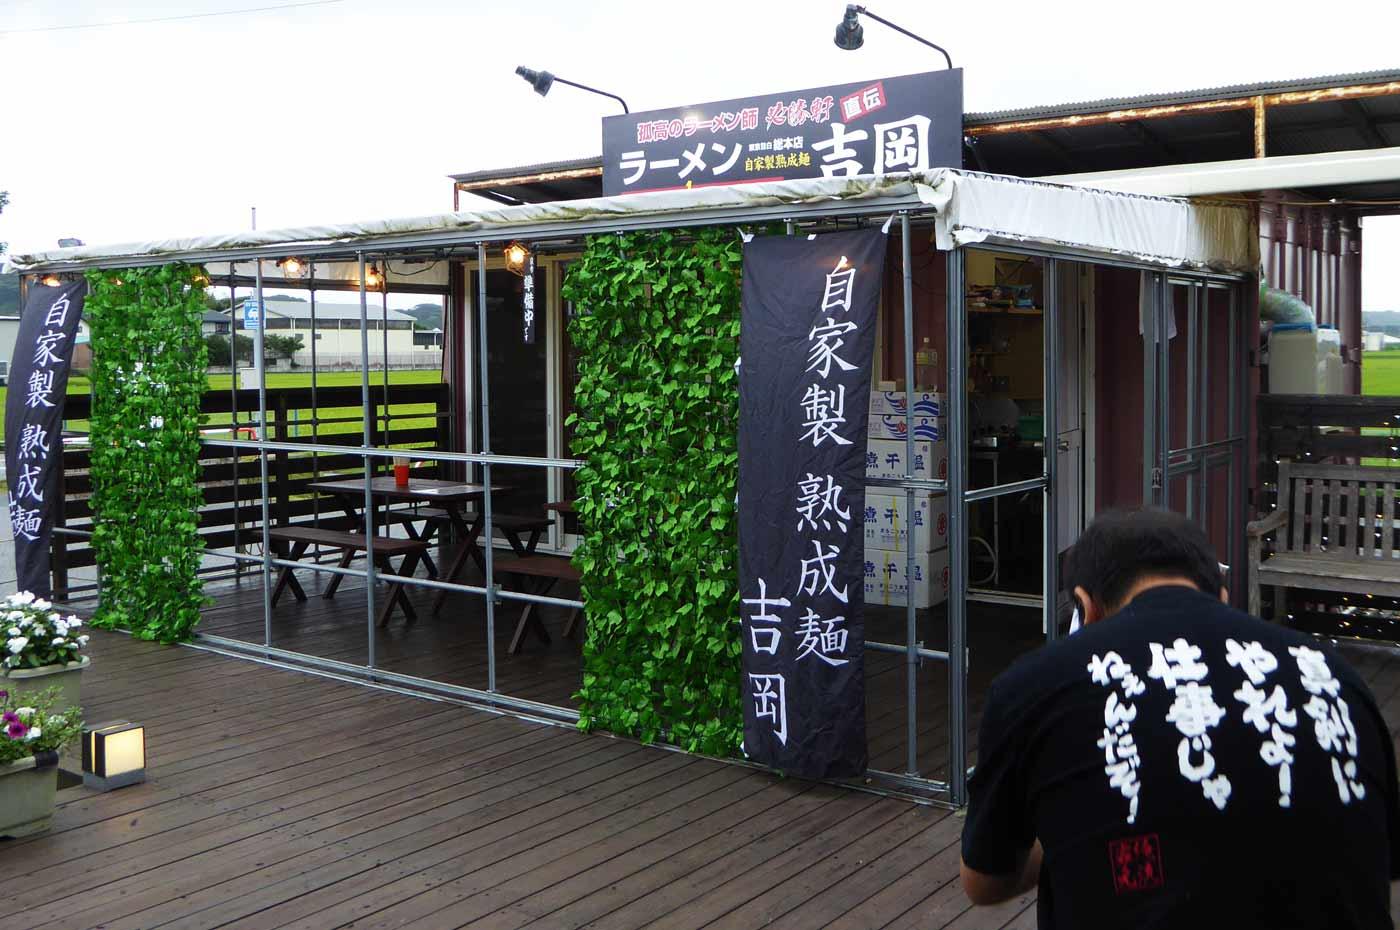 ラーメン吉岡の店舗撮影の様子